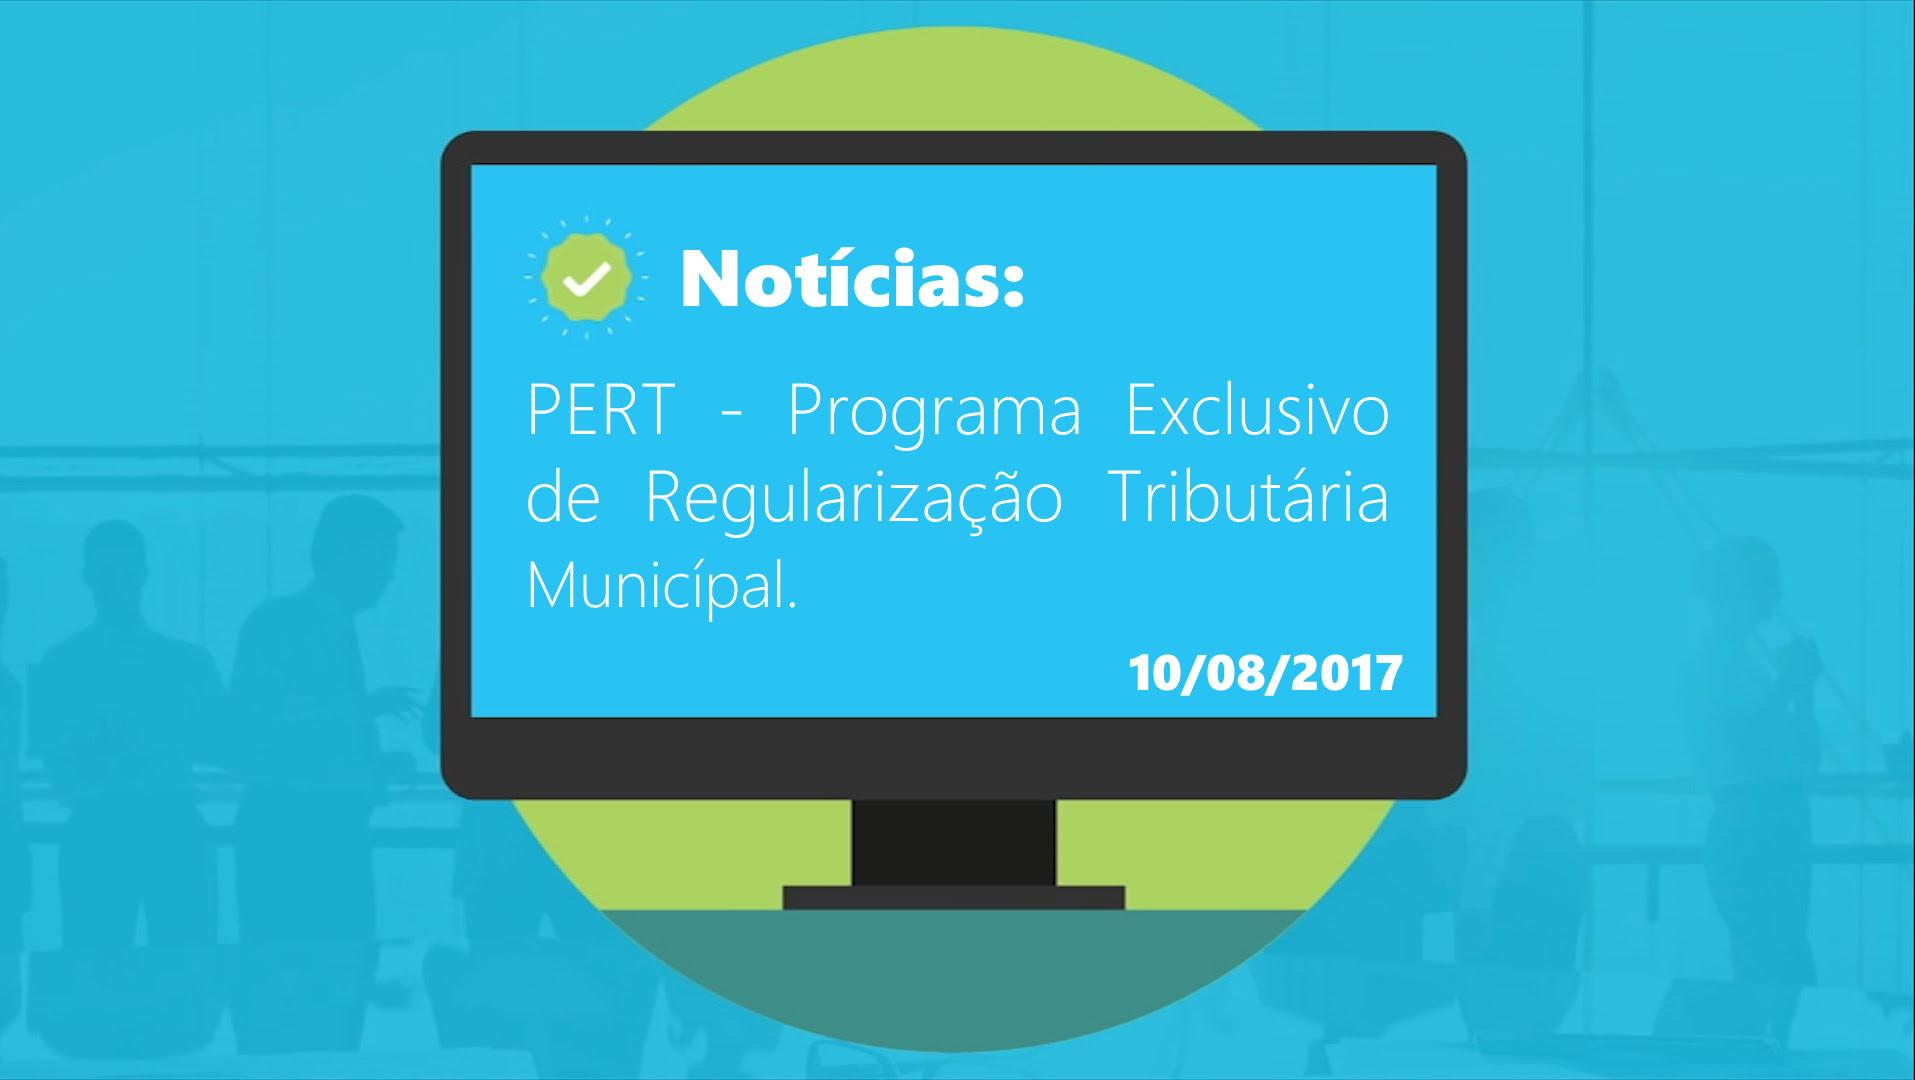 PERT - Programa Exclusivo de Regularização Tributária Municipal